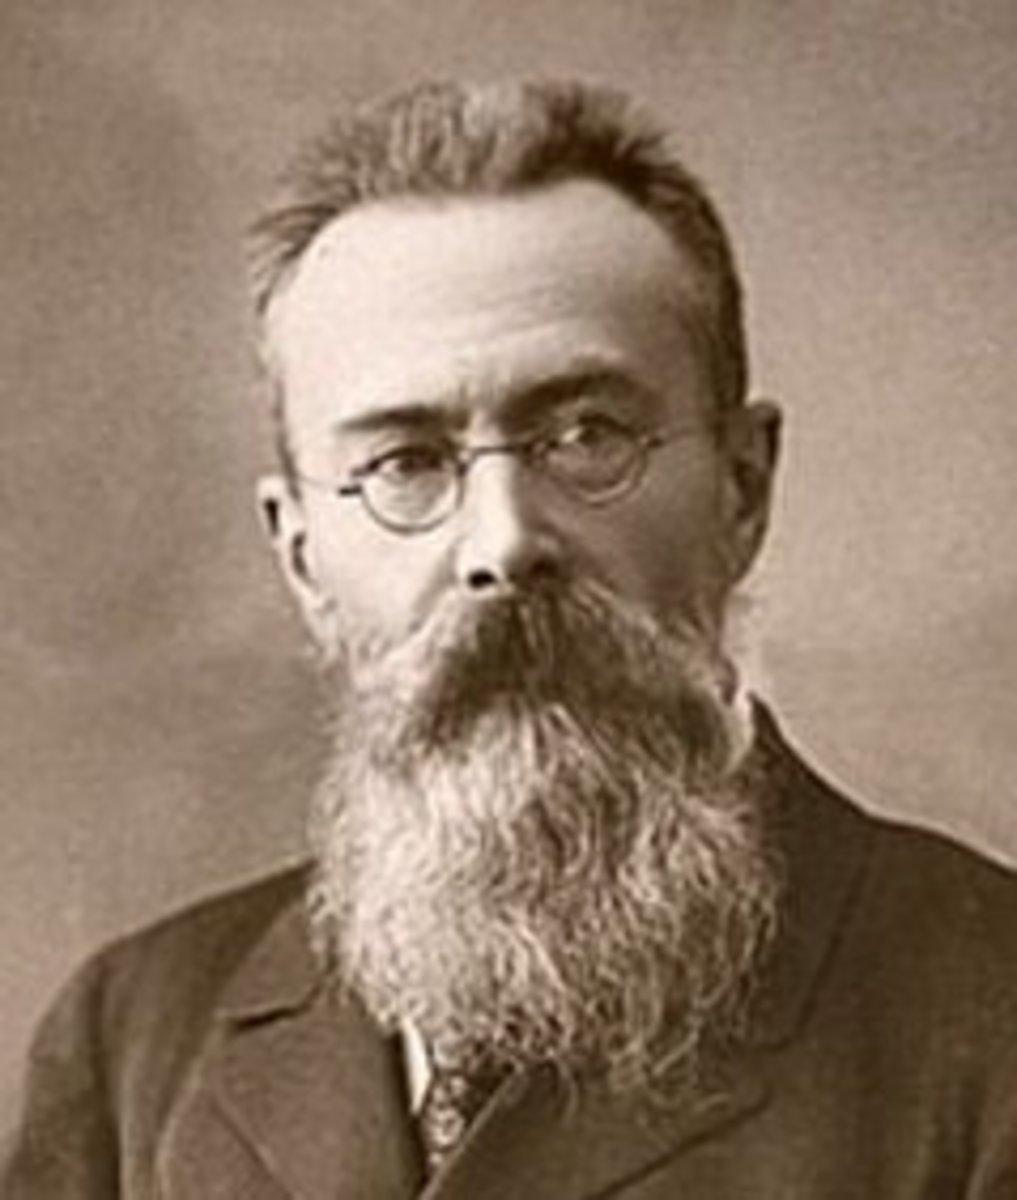 Nikolai Rimsky-Korsakov, aged 53.